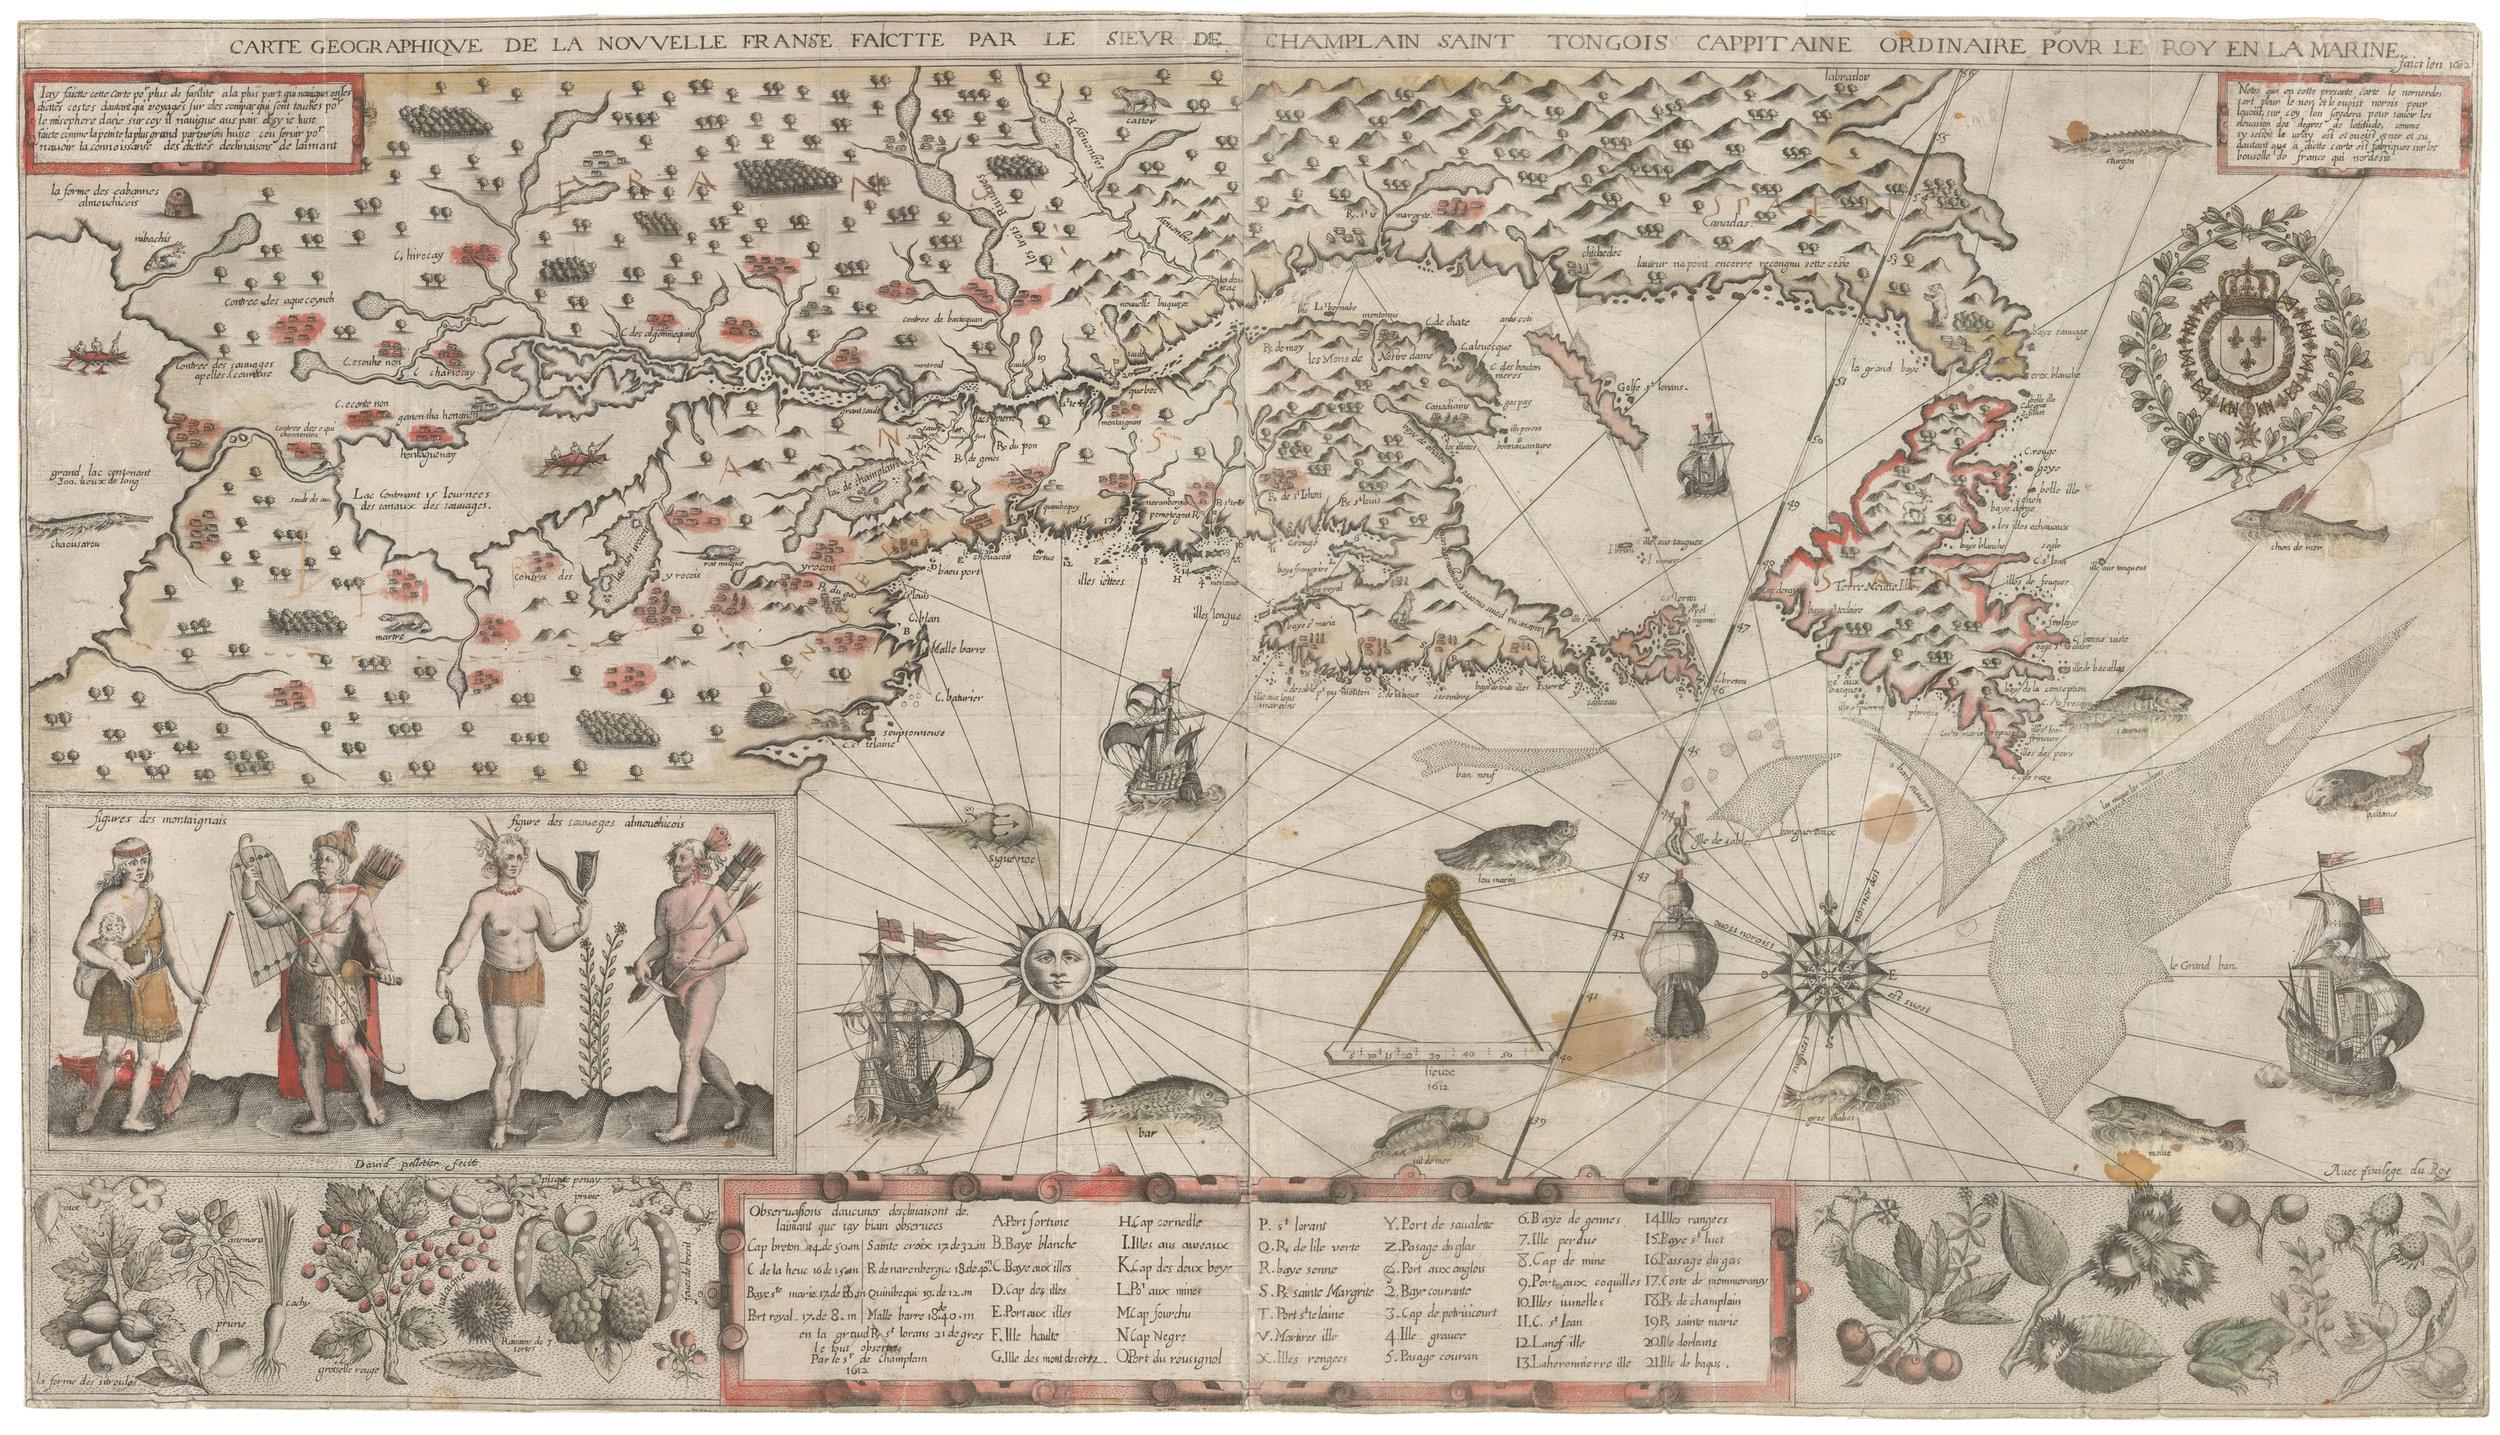 1613 Champlain, Samuel.jpg